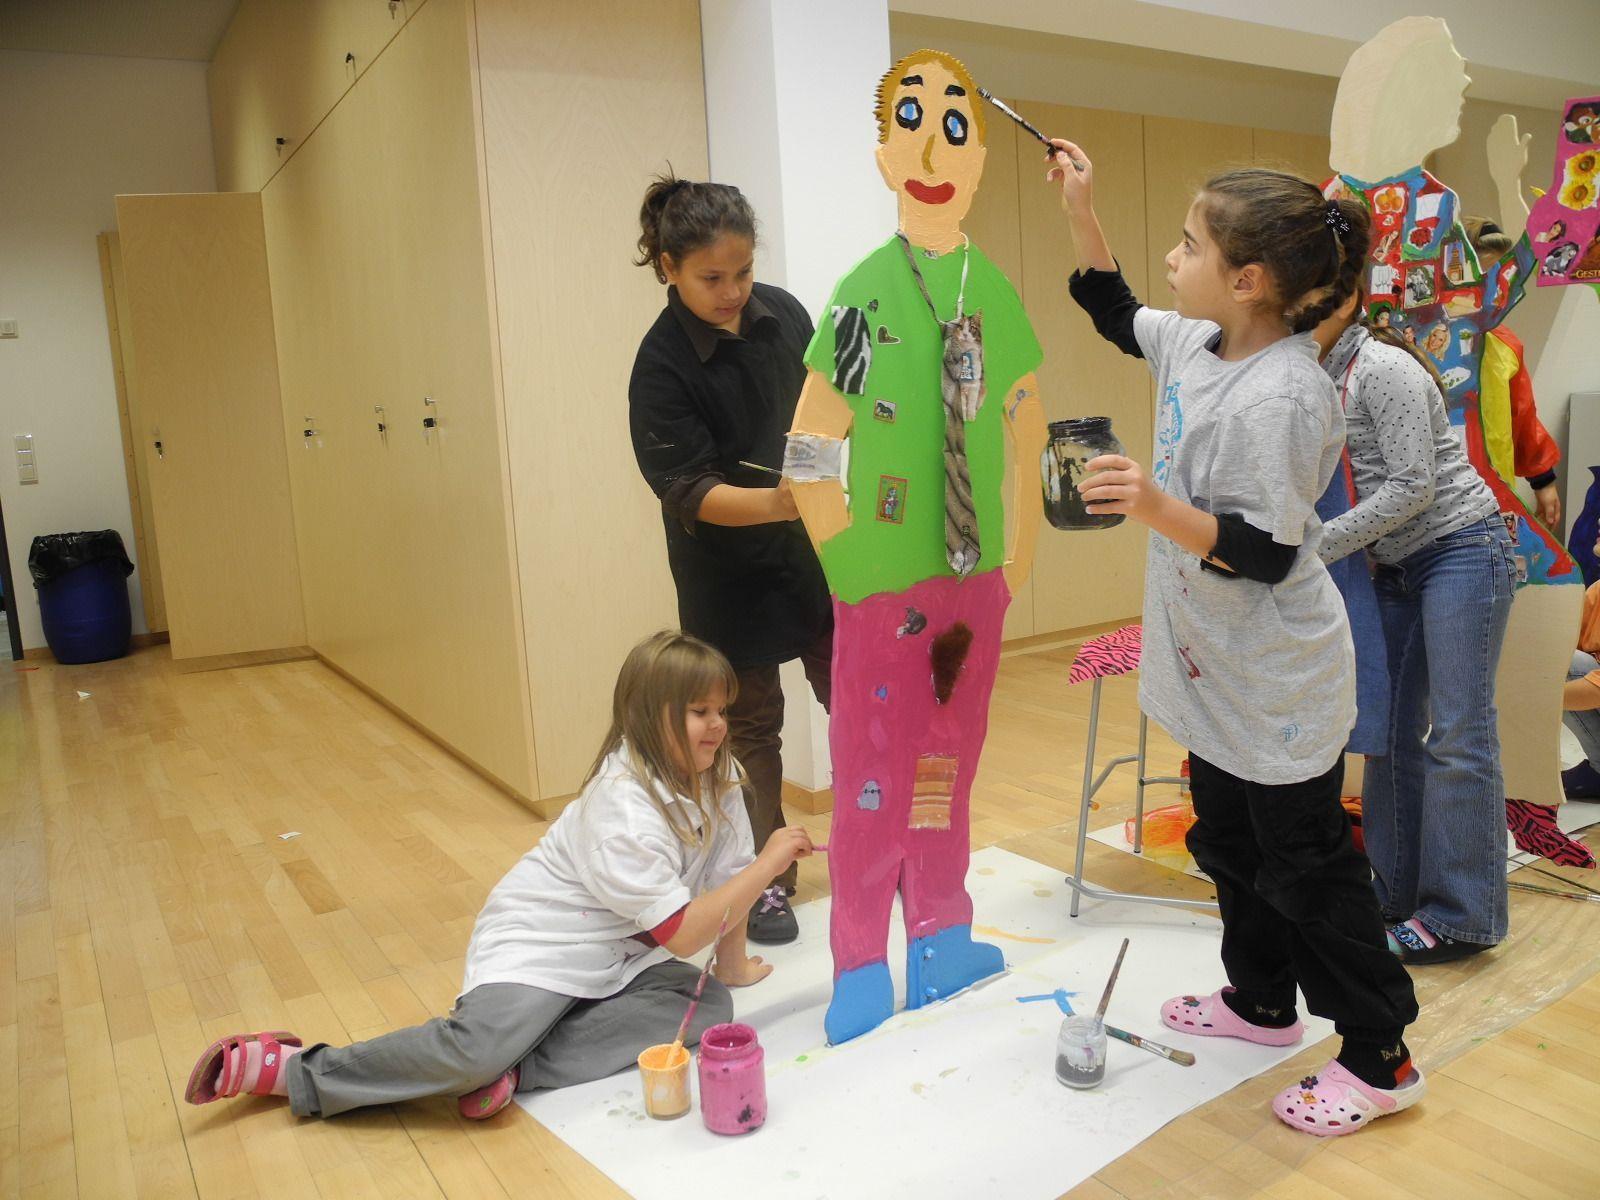 Viel Spaß und Begeisterung hatten die Schüler bei der Gestaltung der Mobilen Figuren